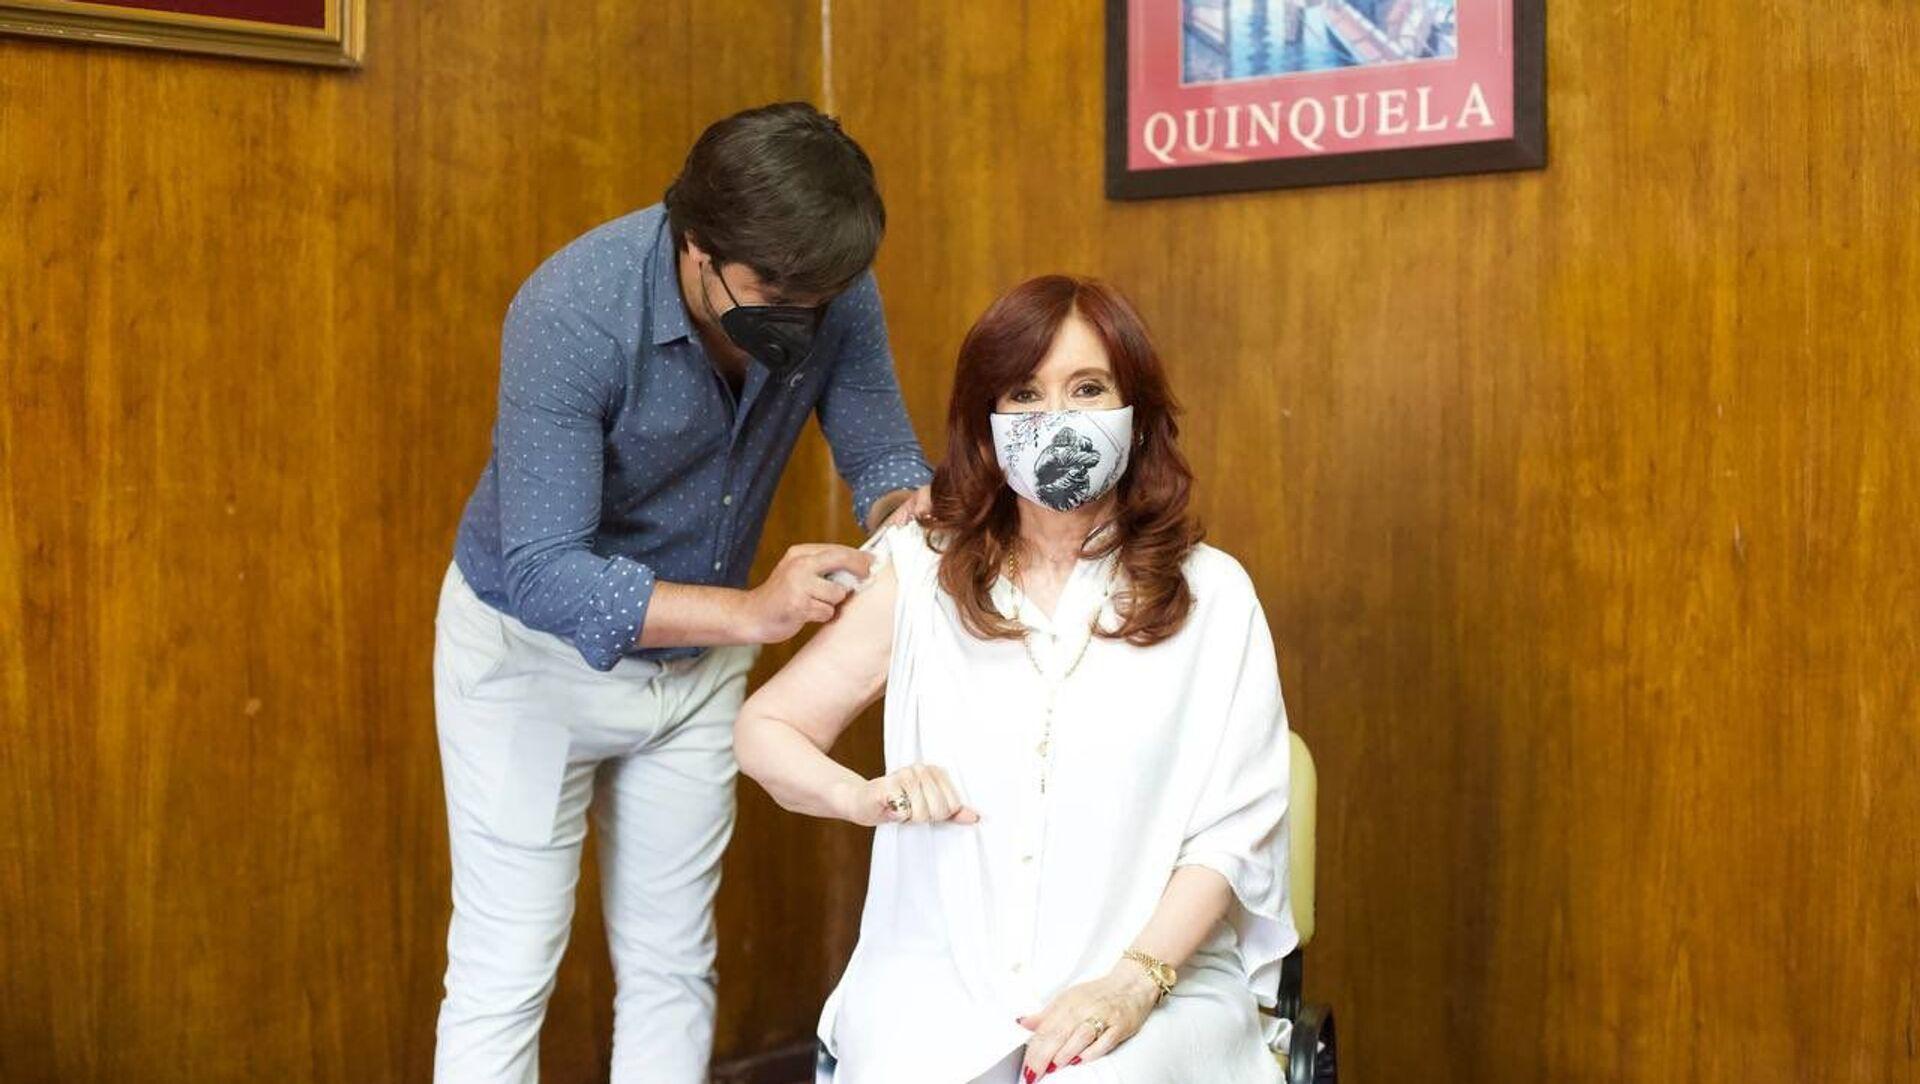 Vicepresidente argentina Cristina Fernández de Kirchner vaccinata con il vaccino russo  - Sputnik Italia, 1920, 08.02.2021